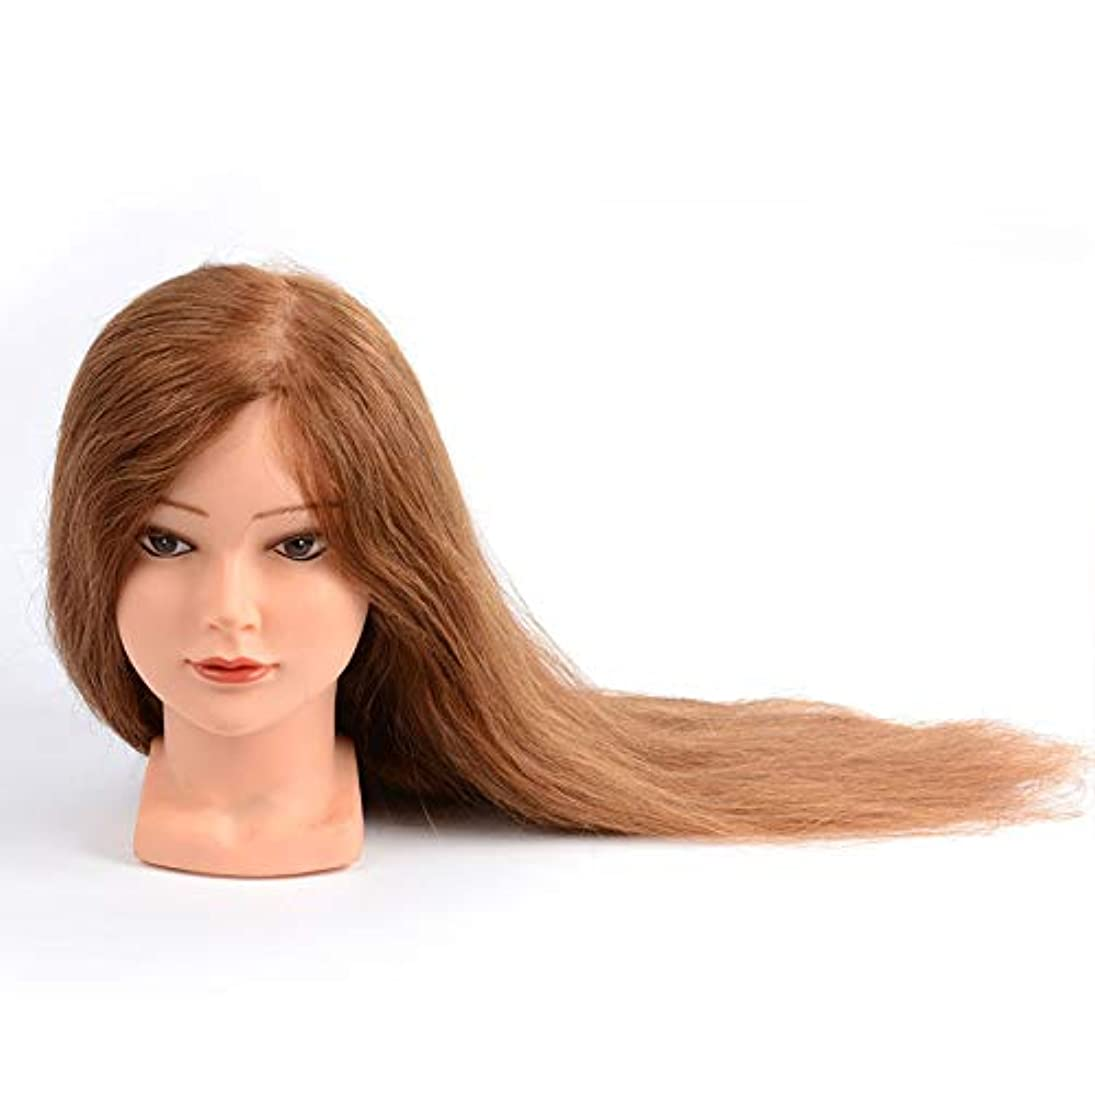 特権的収束手入れゴールデンプラクティスマネキンヘッドブライダルメイクスタイリングプラクティスダミーヘッドヘアサロン散髪指導ヘッドは染めることができます漂白